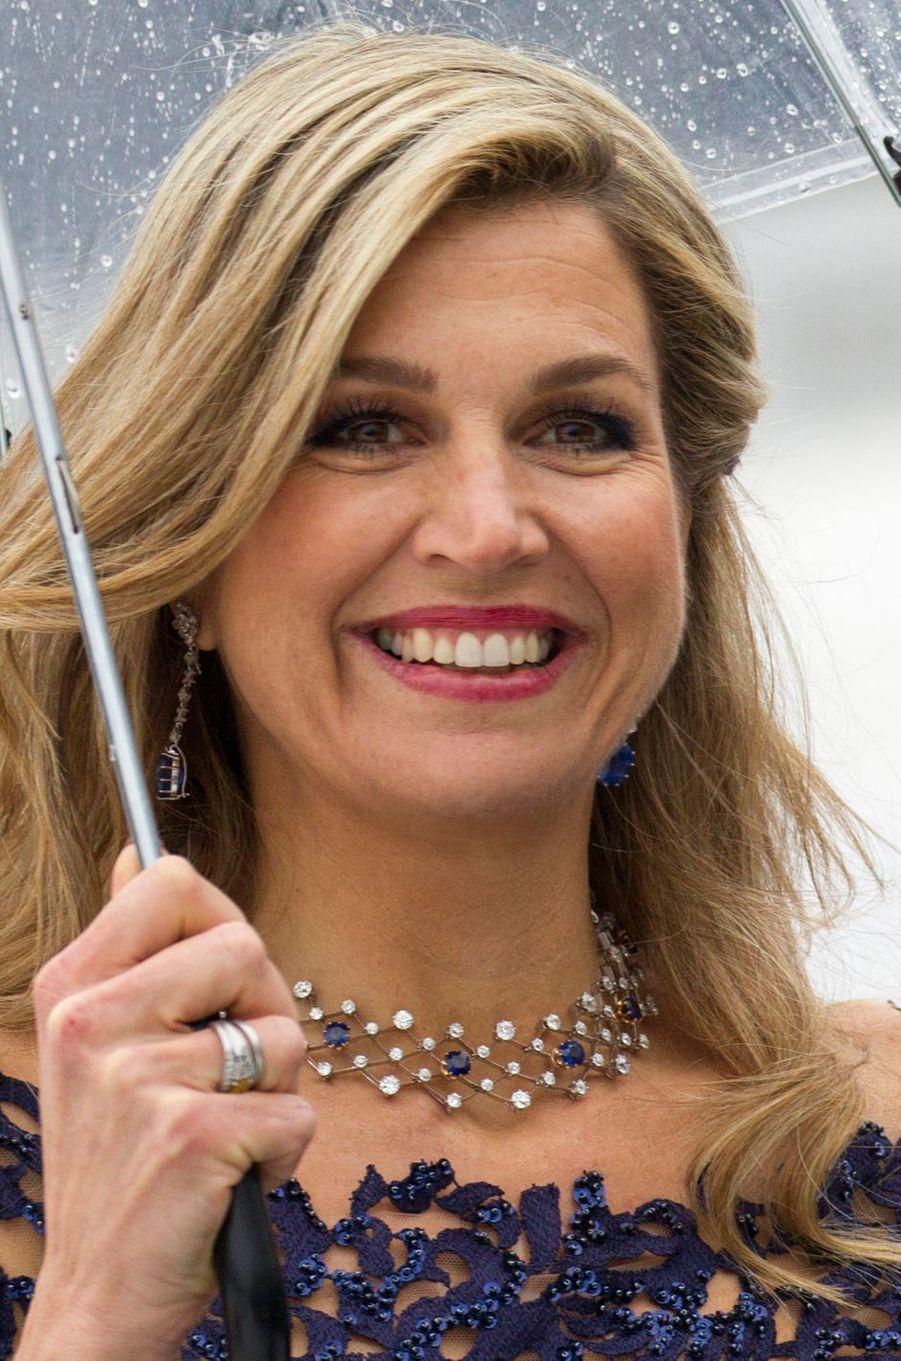 La reine Maxima des Pays-Bas à Oslo le 10 mai 2017